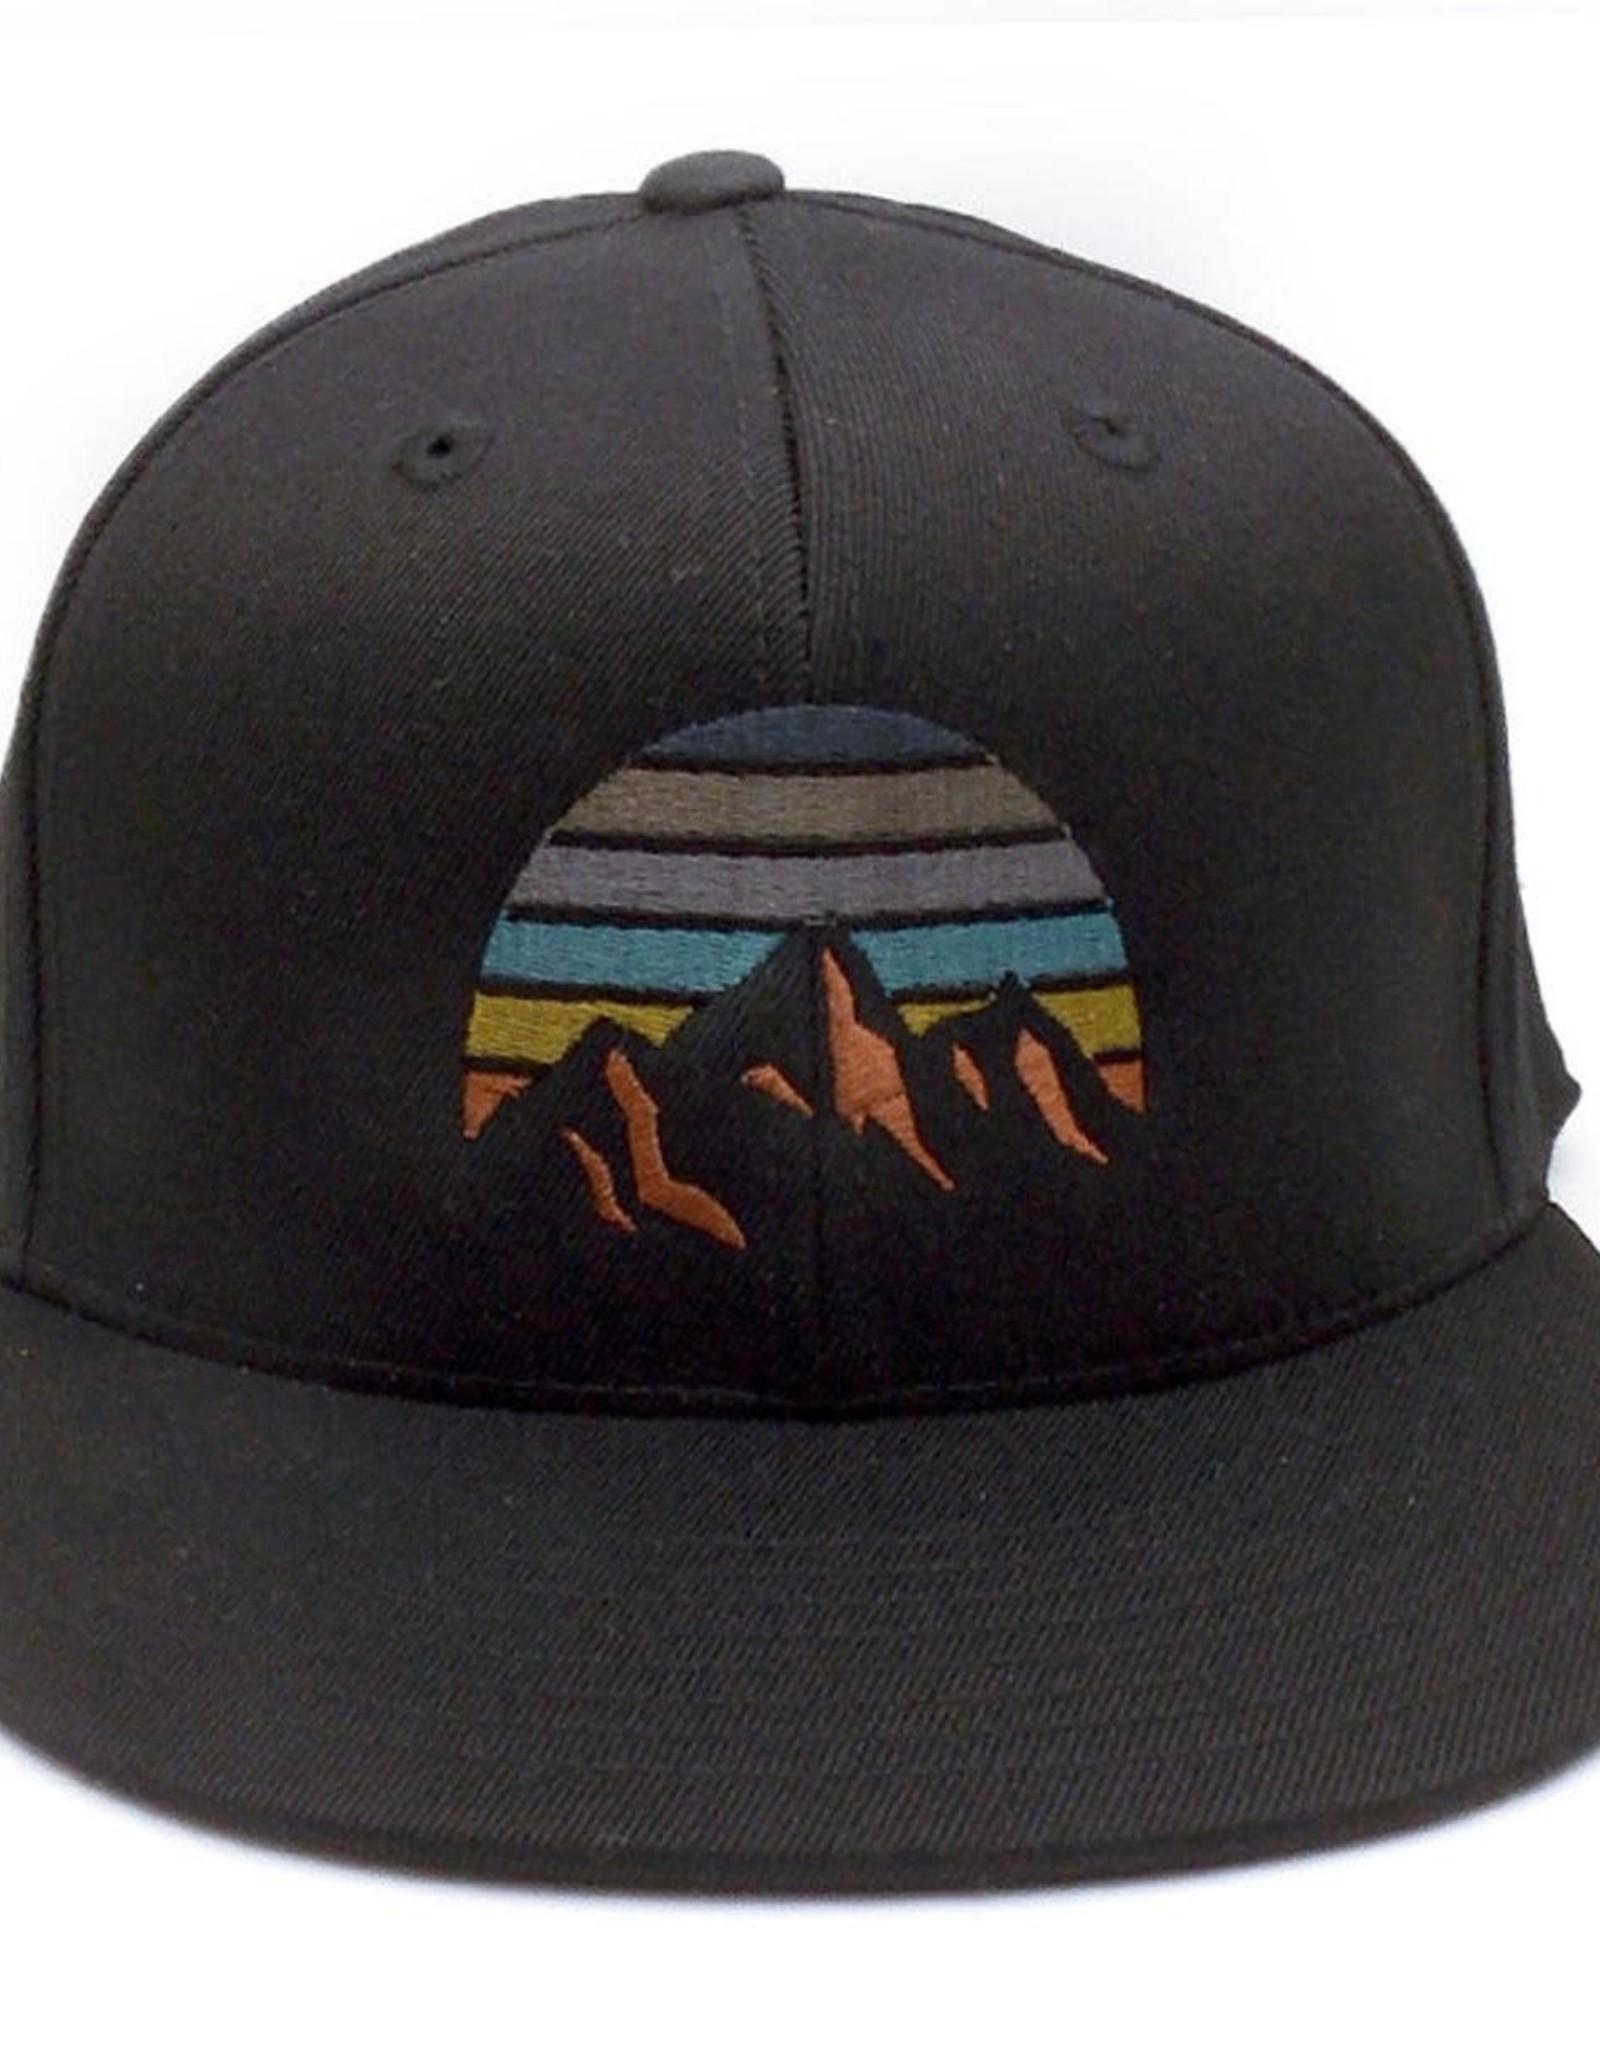 Black Lantern Black Lantern - Snapback - Mountain Sunset